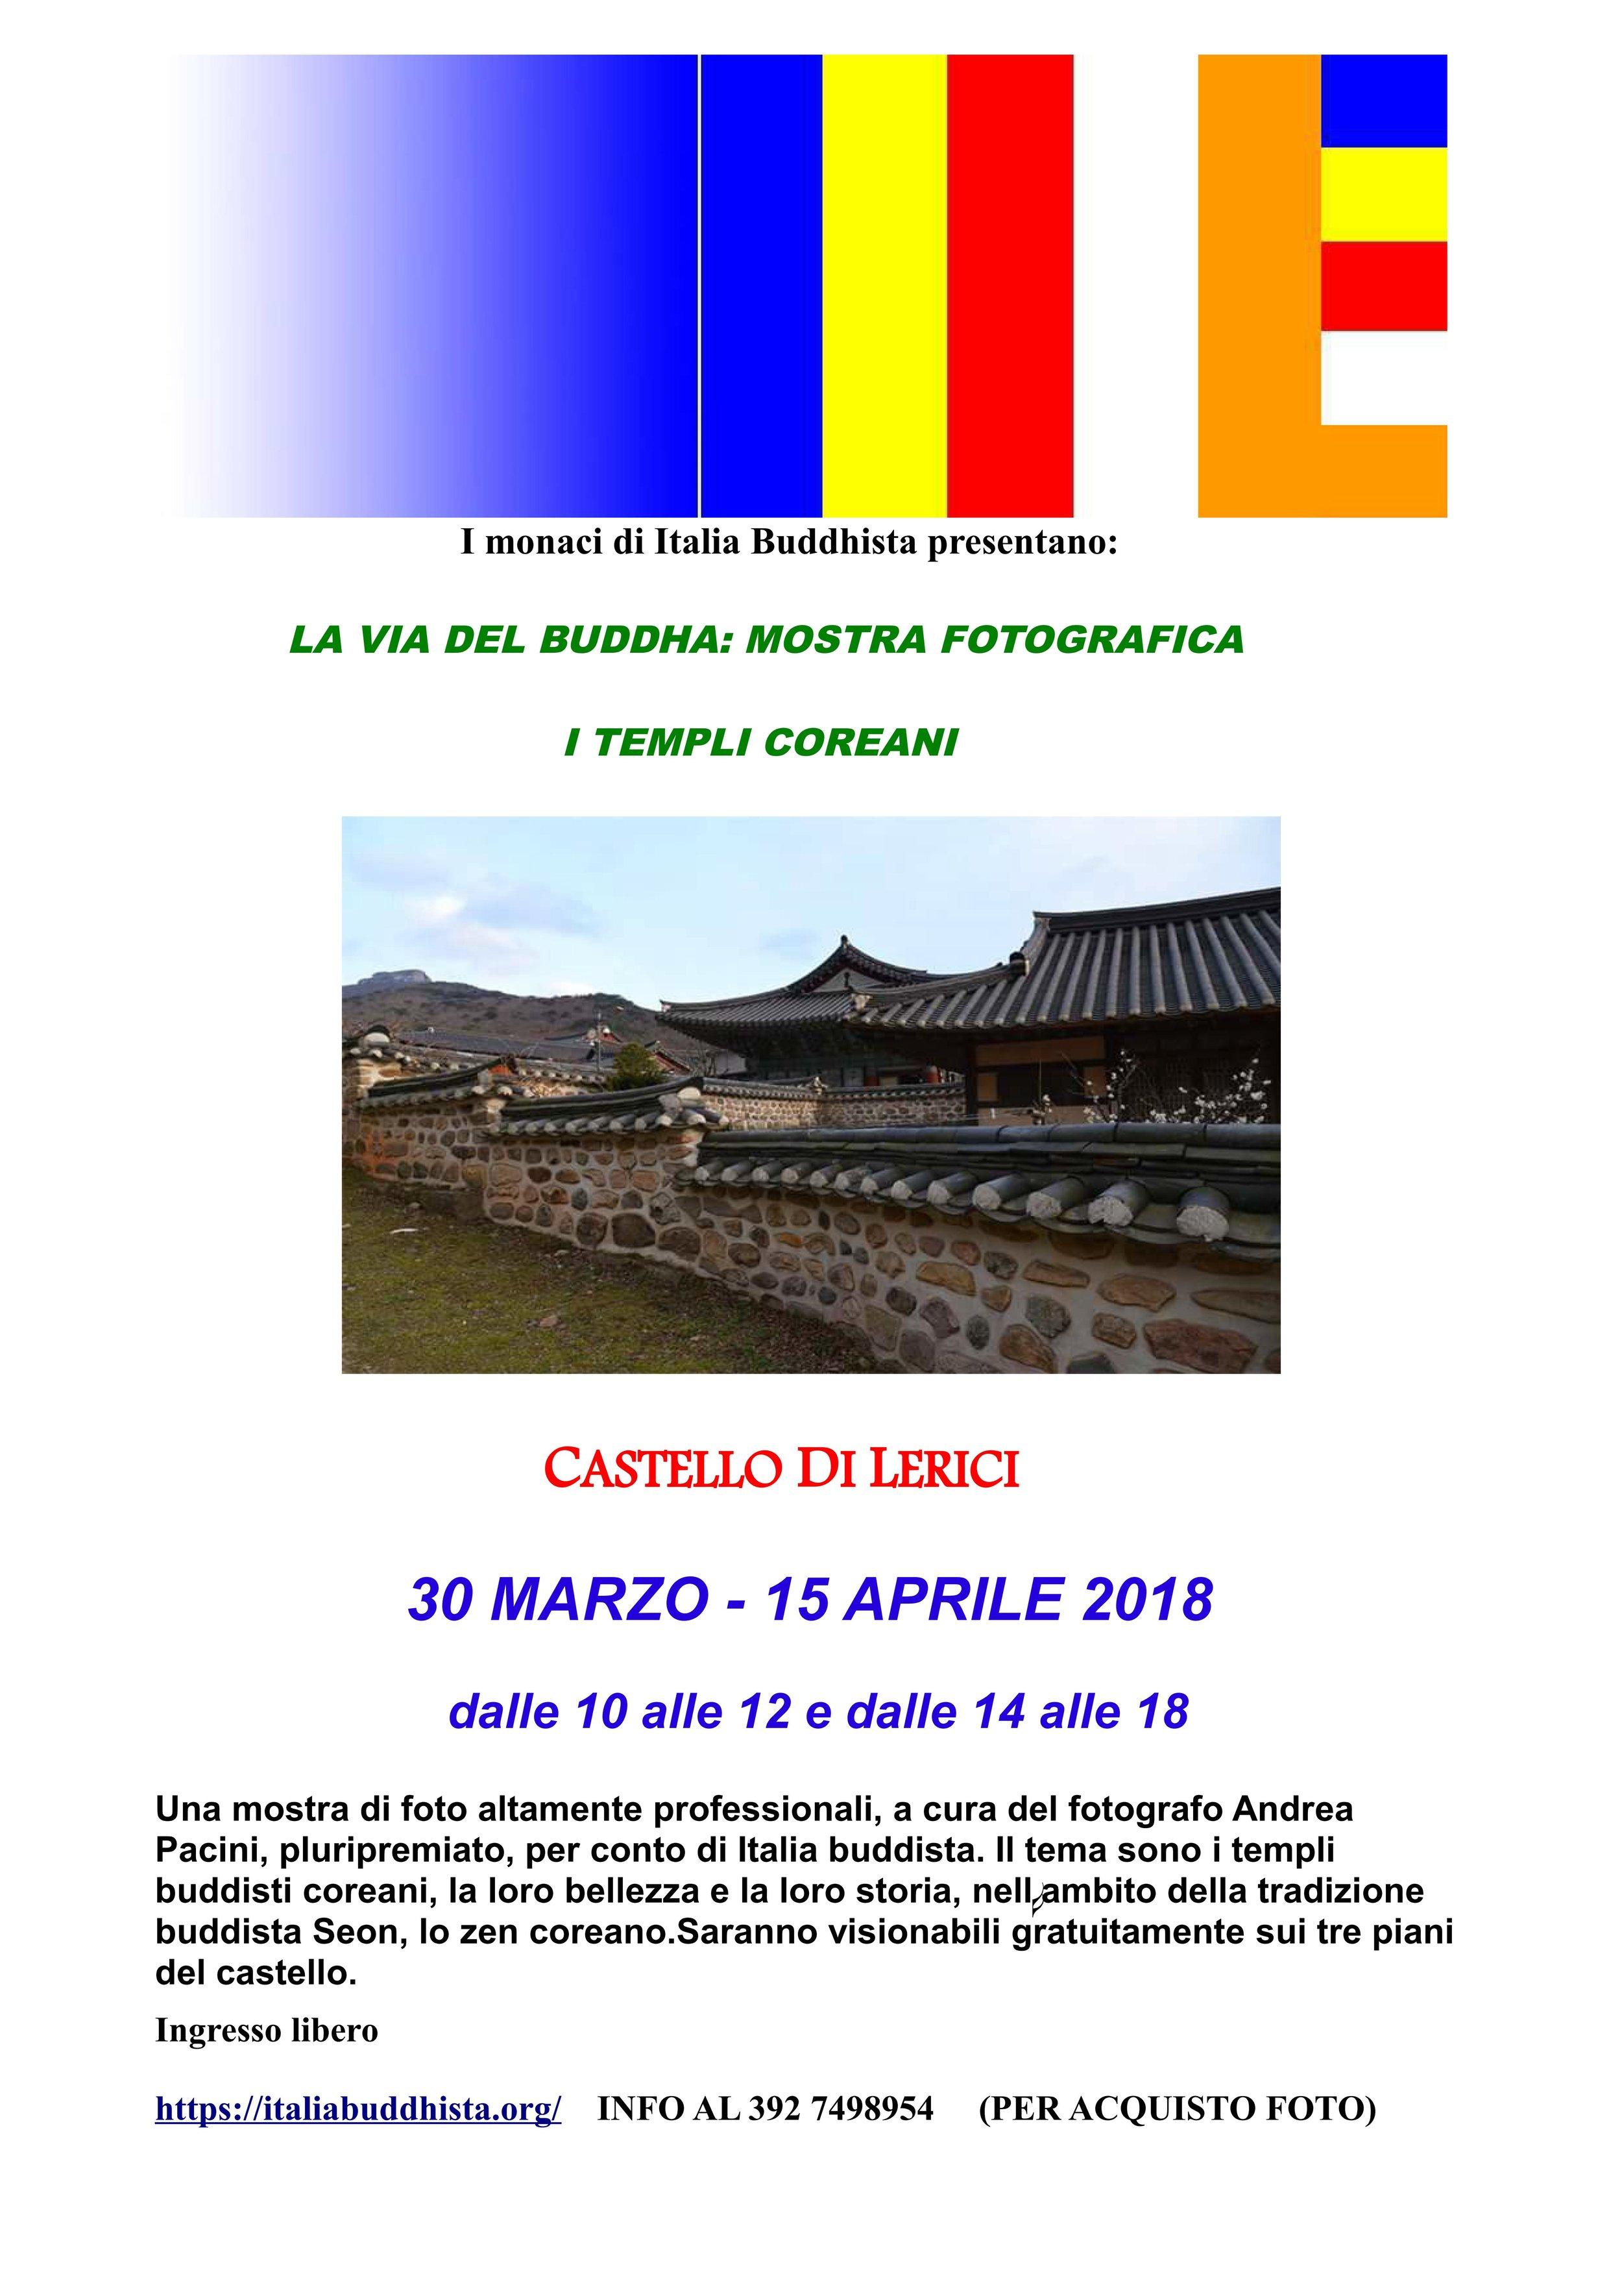 mostra foto 30-3-castello pacini andrea stampa_01.jpg